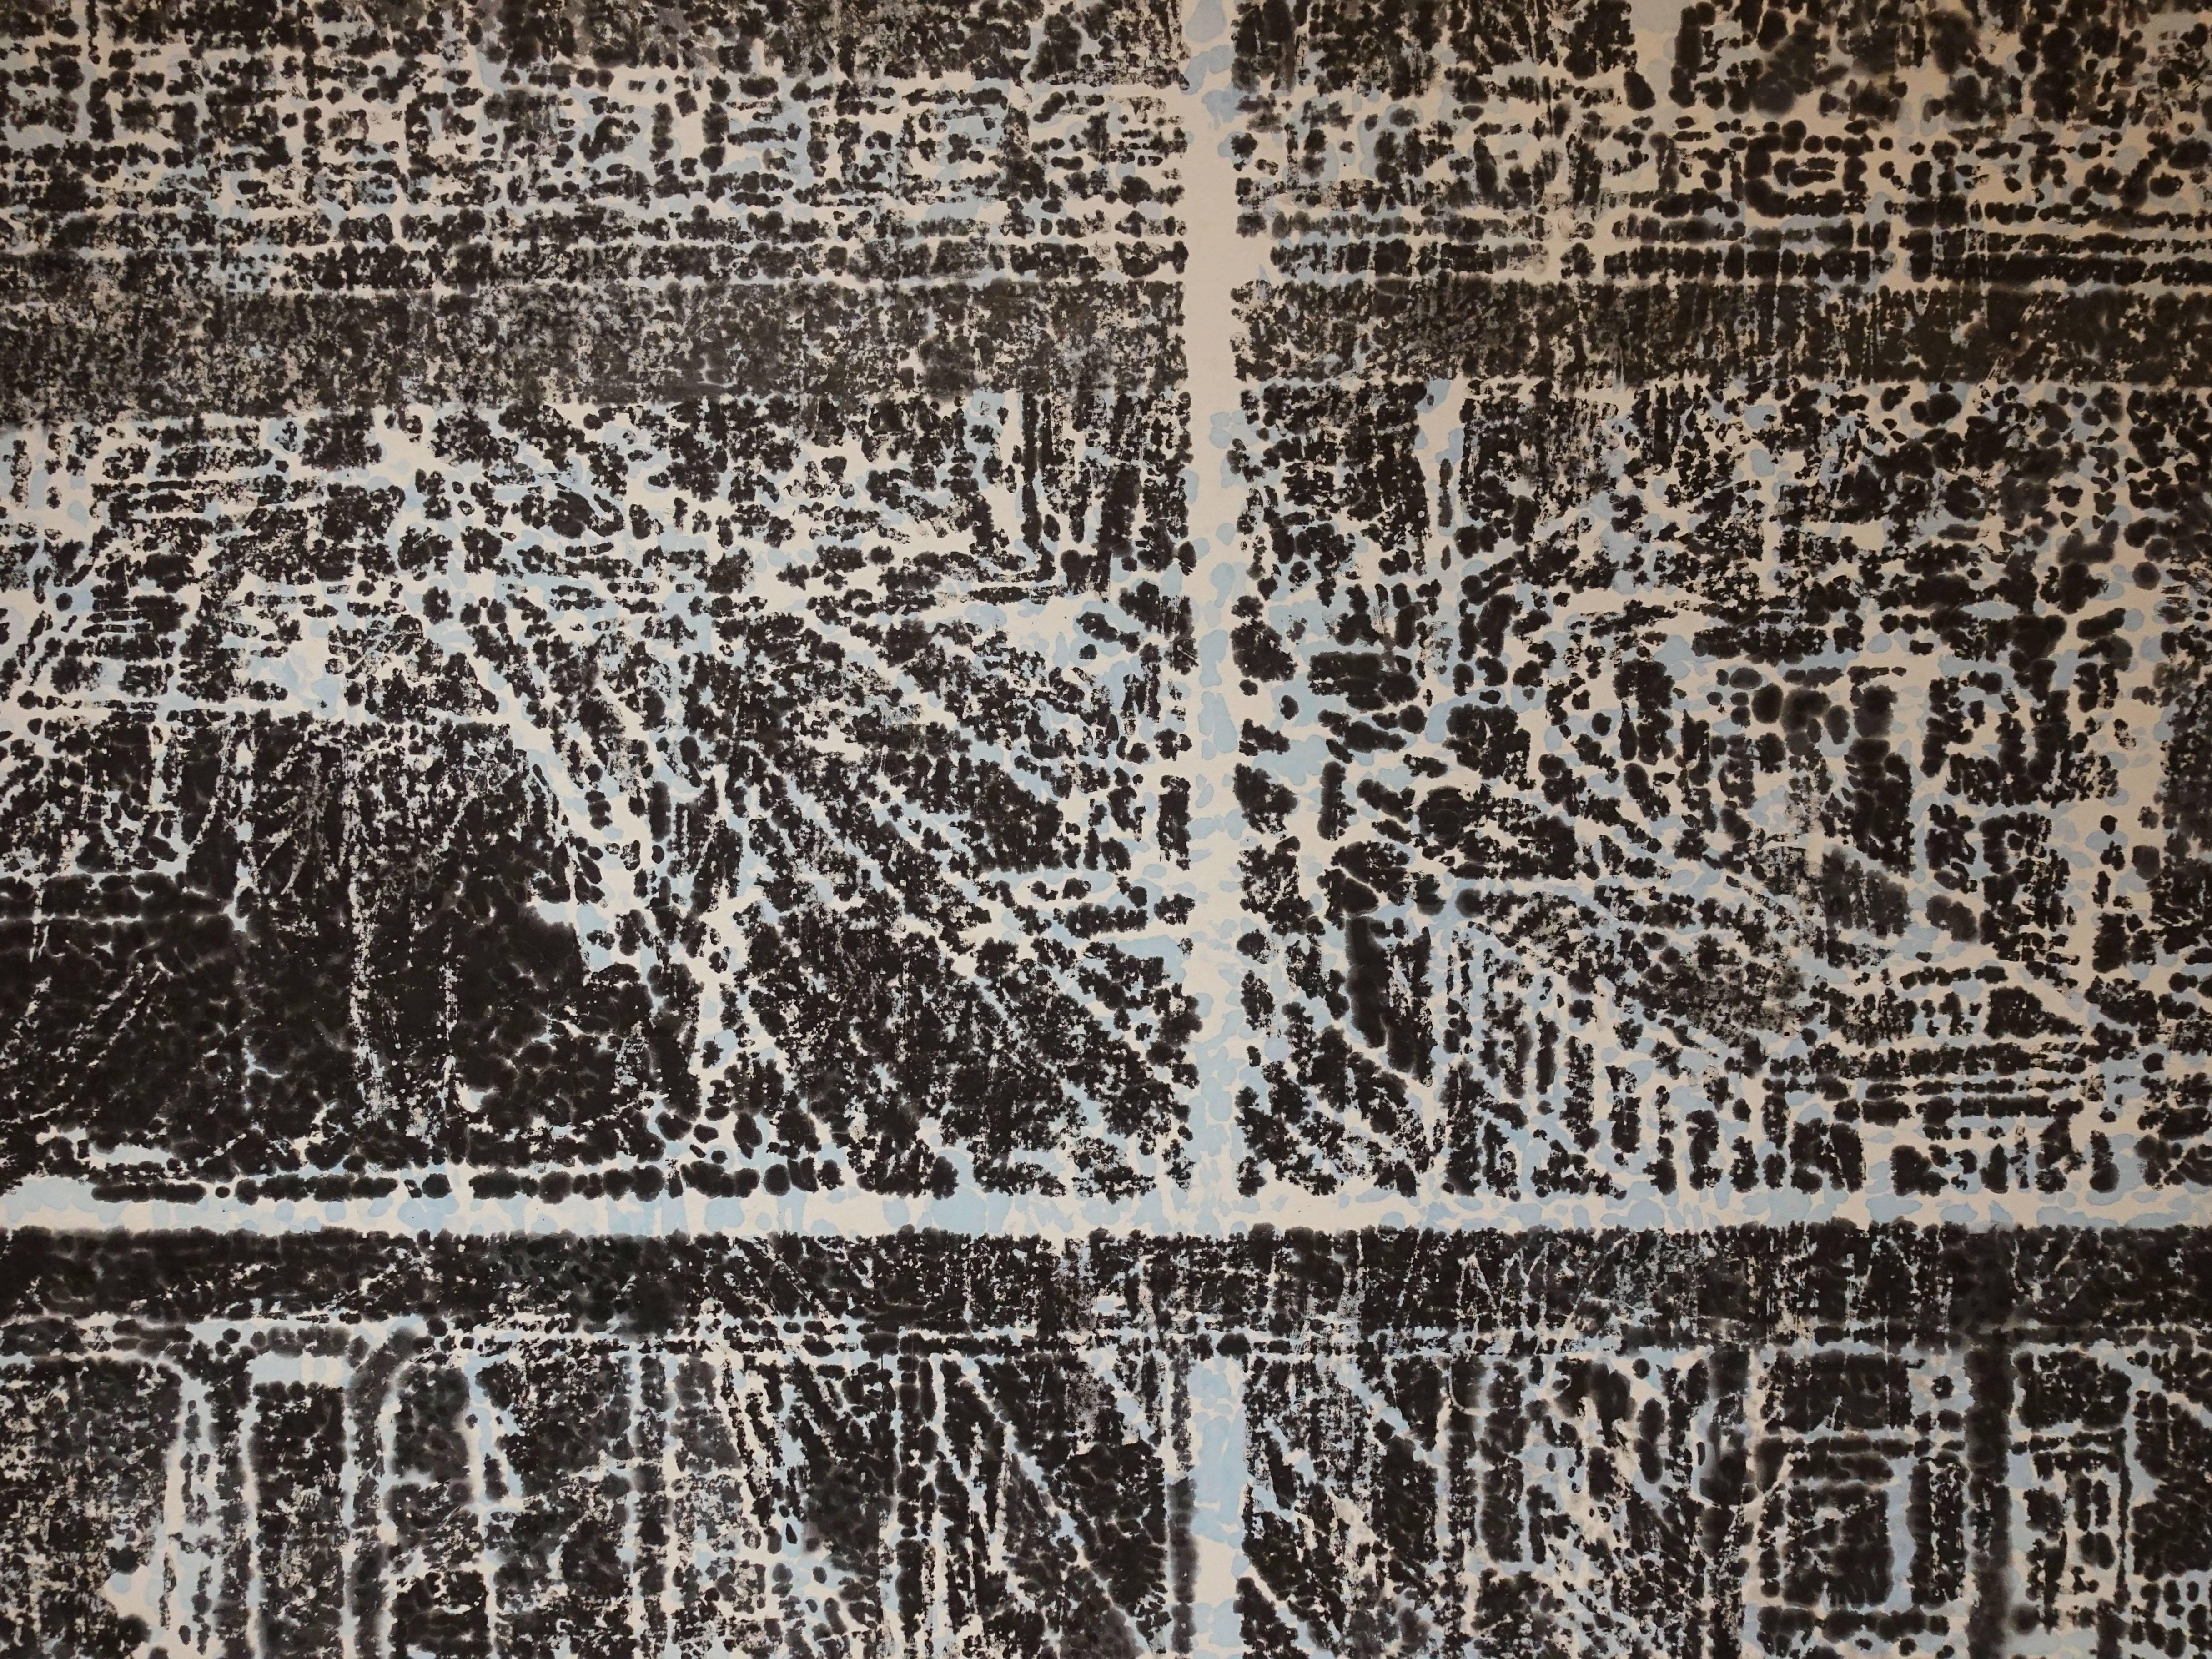 柯偉國,《身體的日常移動-3》細節,設色紙本,2017。